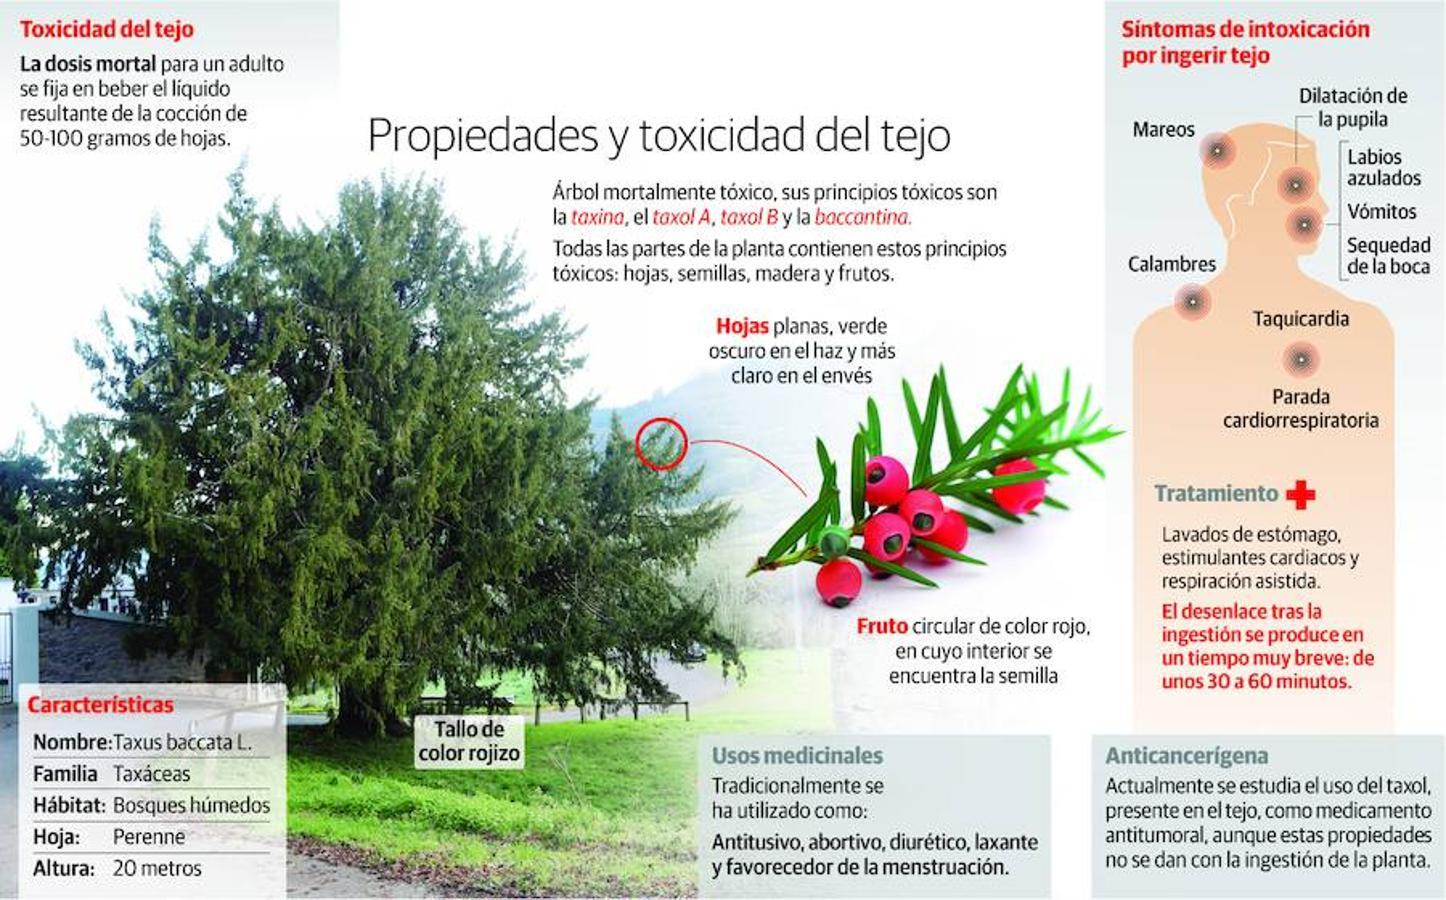 El tejo es un árbol altamente tóxico. Todas sus partes (hojas, semillas, madera y frutos) contienen elementos tóxicos.